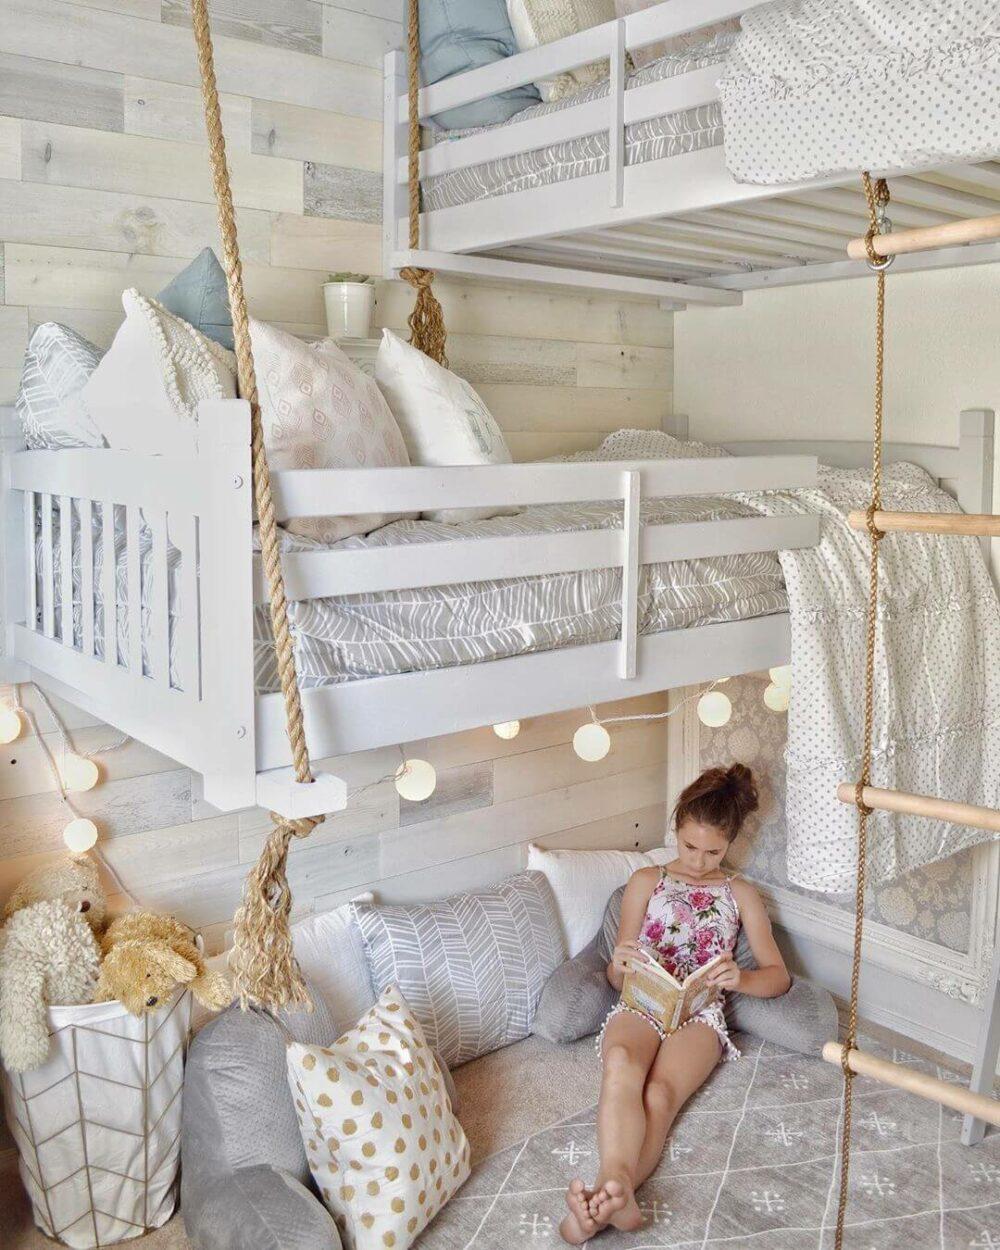 loft bed ideas for tweens